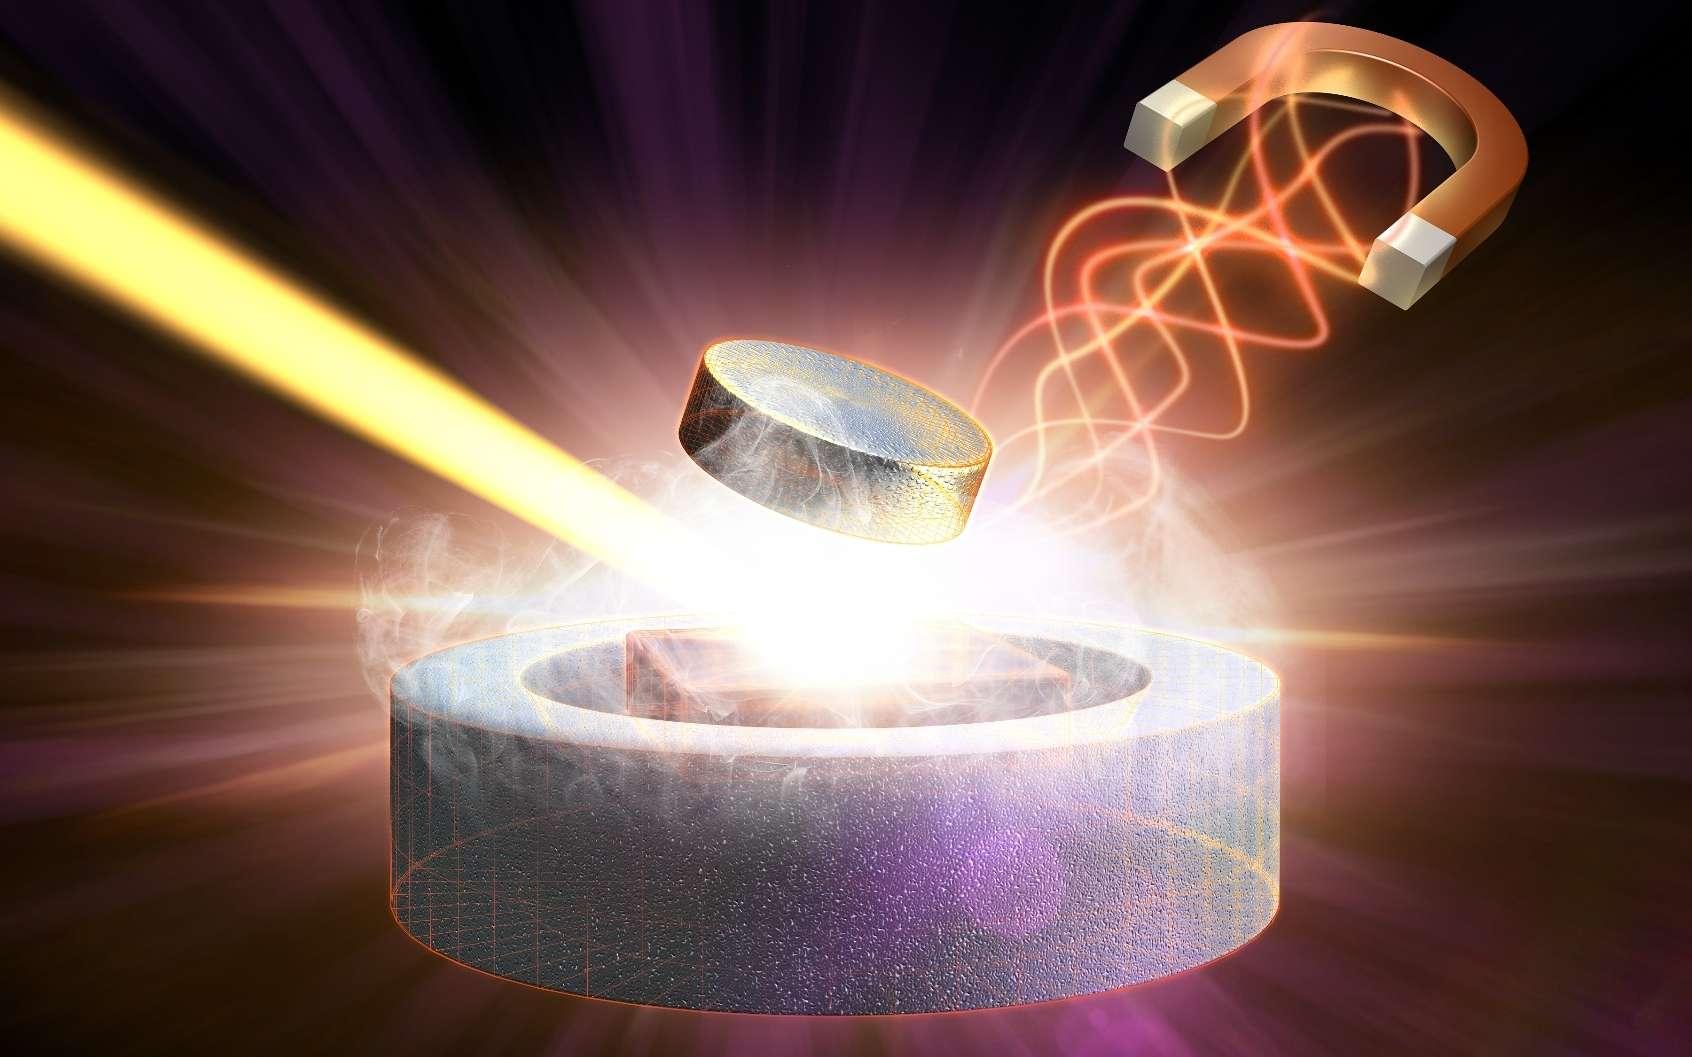 Une vision d'artiste des expériences menées sur des cuprates avec des champs magnétiques et des impulsions laser à rayon X. © SLAC National Accelerator Laboratory